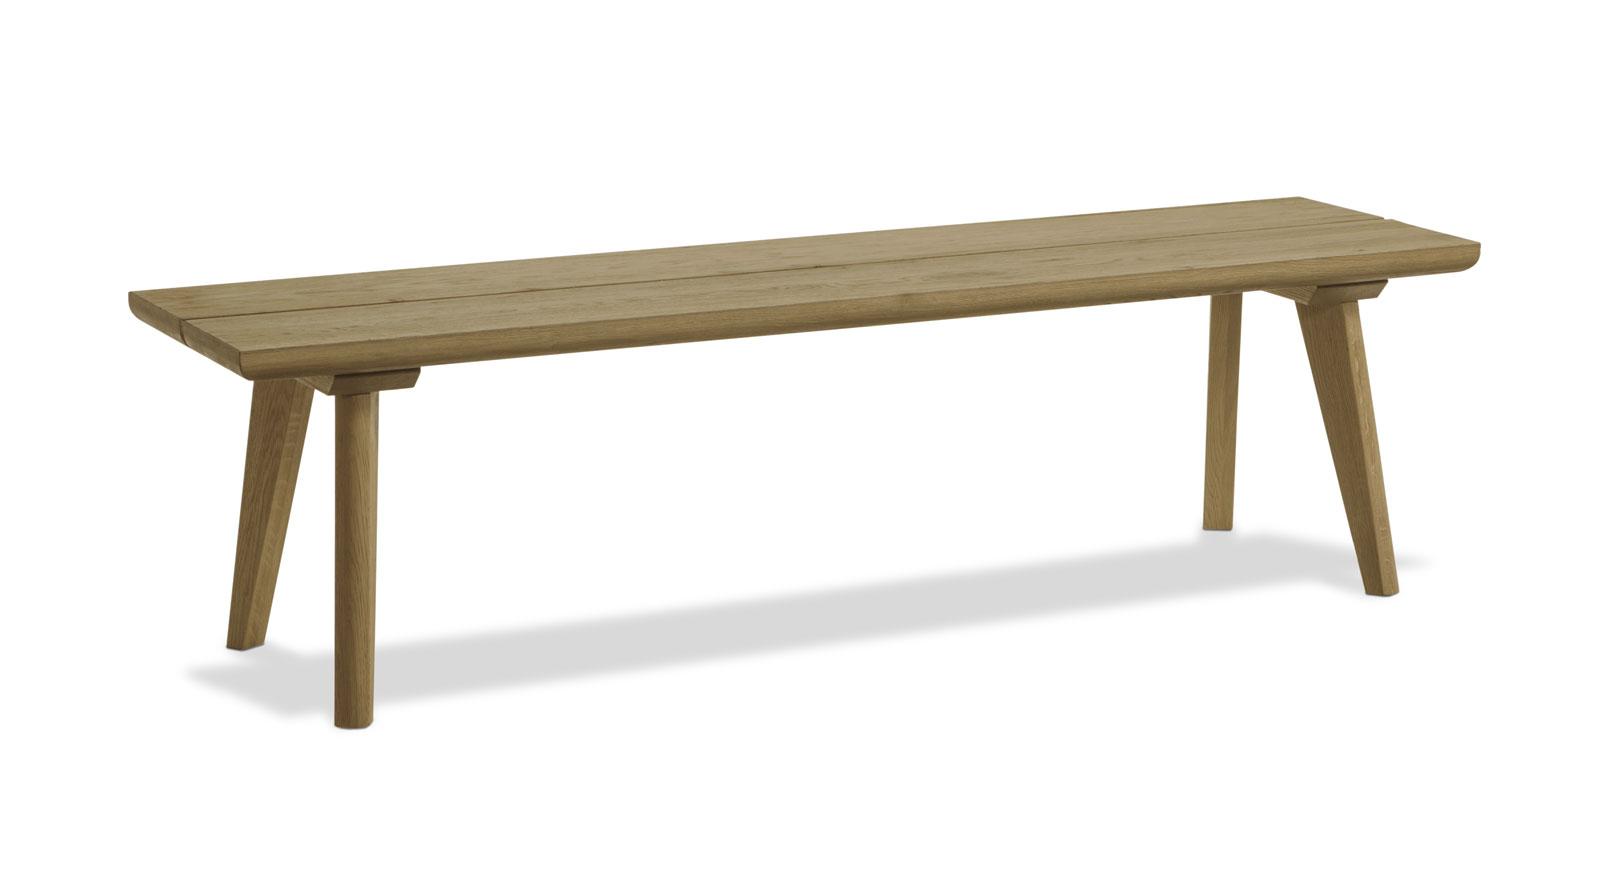 Stabile Massivholz-Bettbank Weno aus Eiche